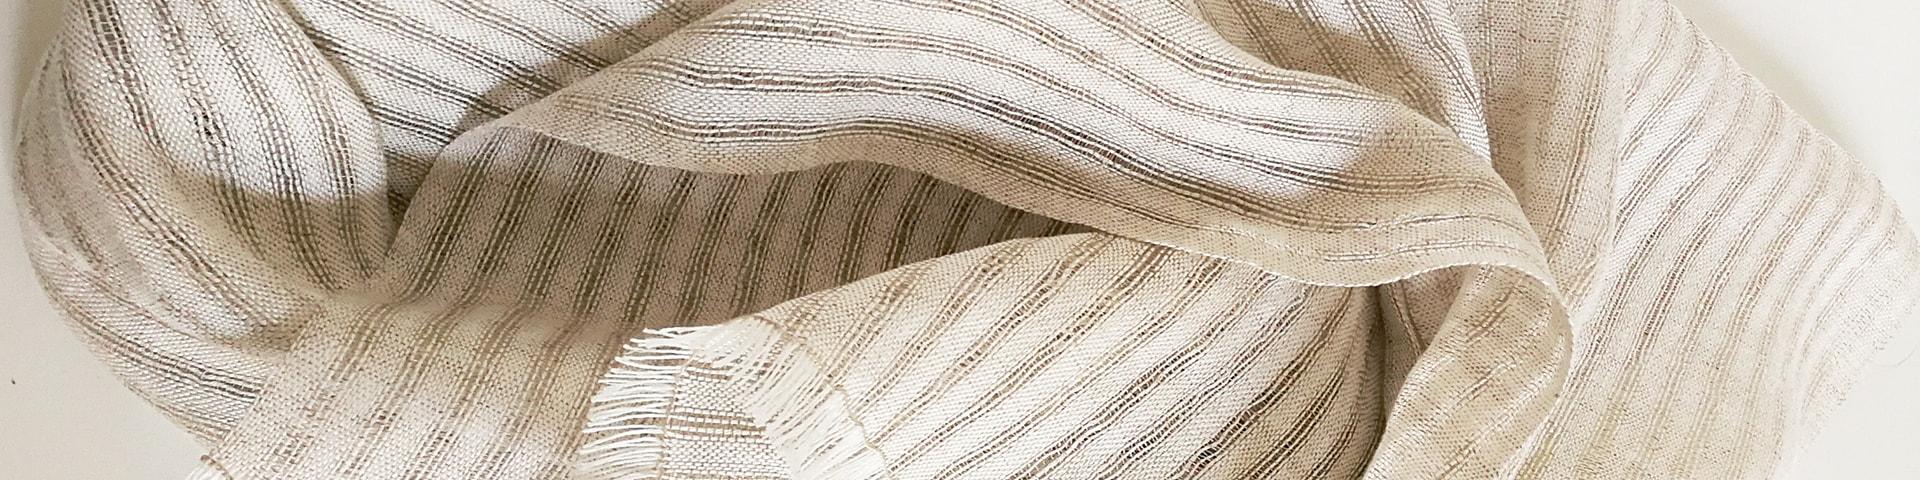 Etole 100% lin blanc et naturel- Création exclusive Textile Nomade ©GARANCE CASSIEN